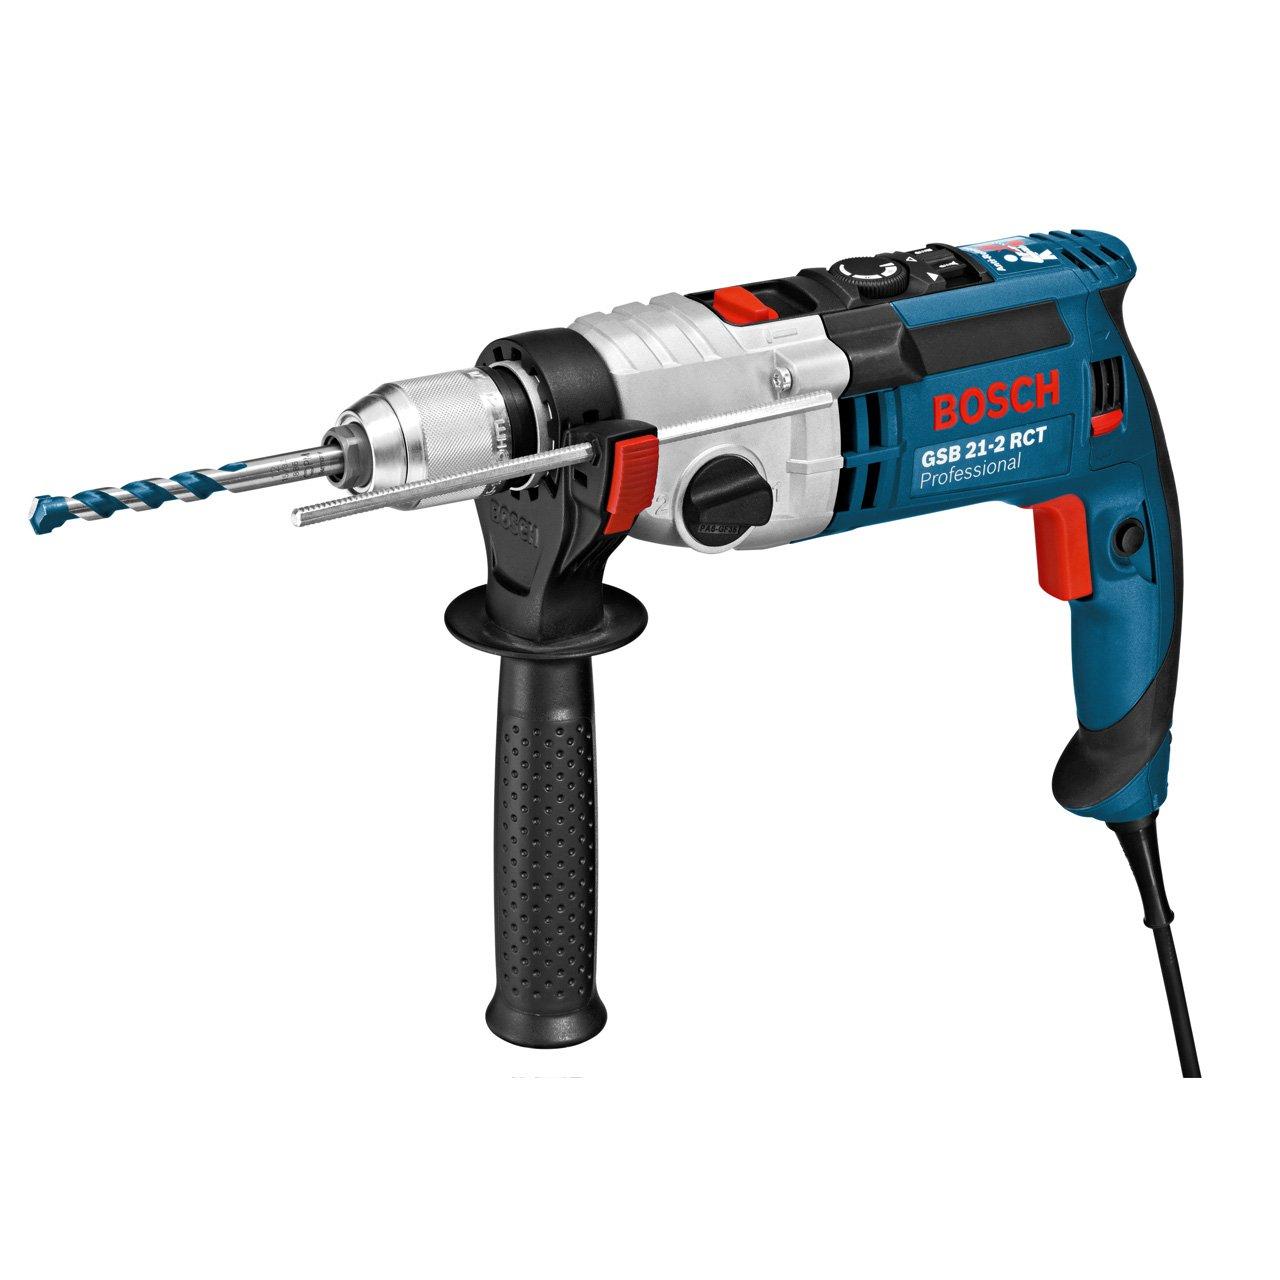 Bosch Professional Schlagbohrmaschine GSB 21-2 RCT (Schnellspannbohrfutter: 13 mm, Tiefenanschlag: 210 mm, Zusatzhandgriff, Koffer, Bohr-Ø in Beton: 13 – 22 mm, 1300 Watt)